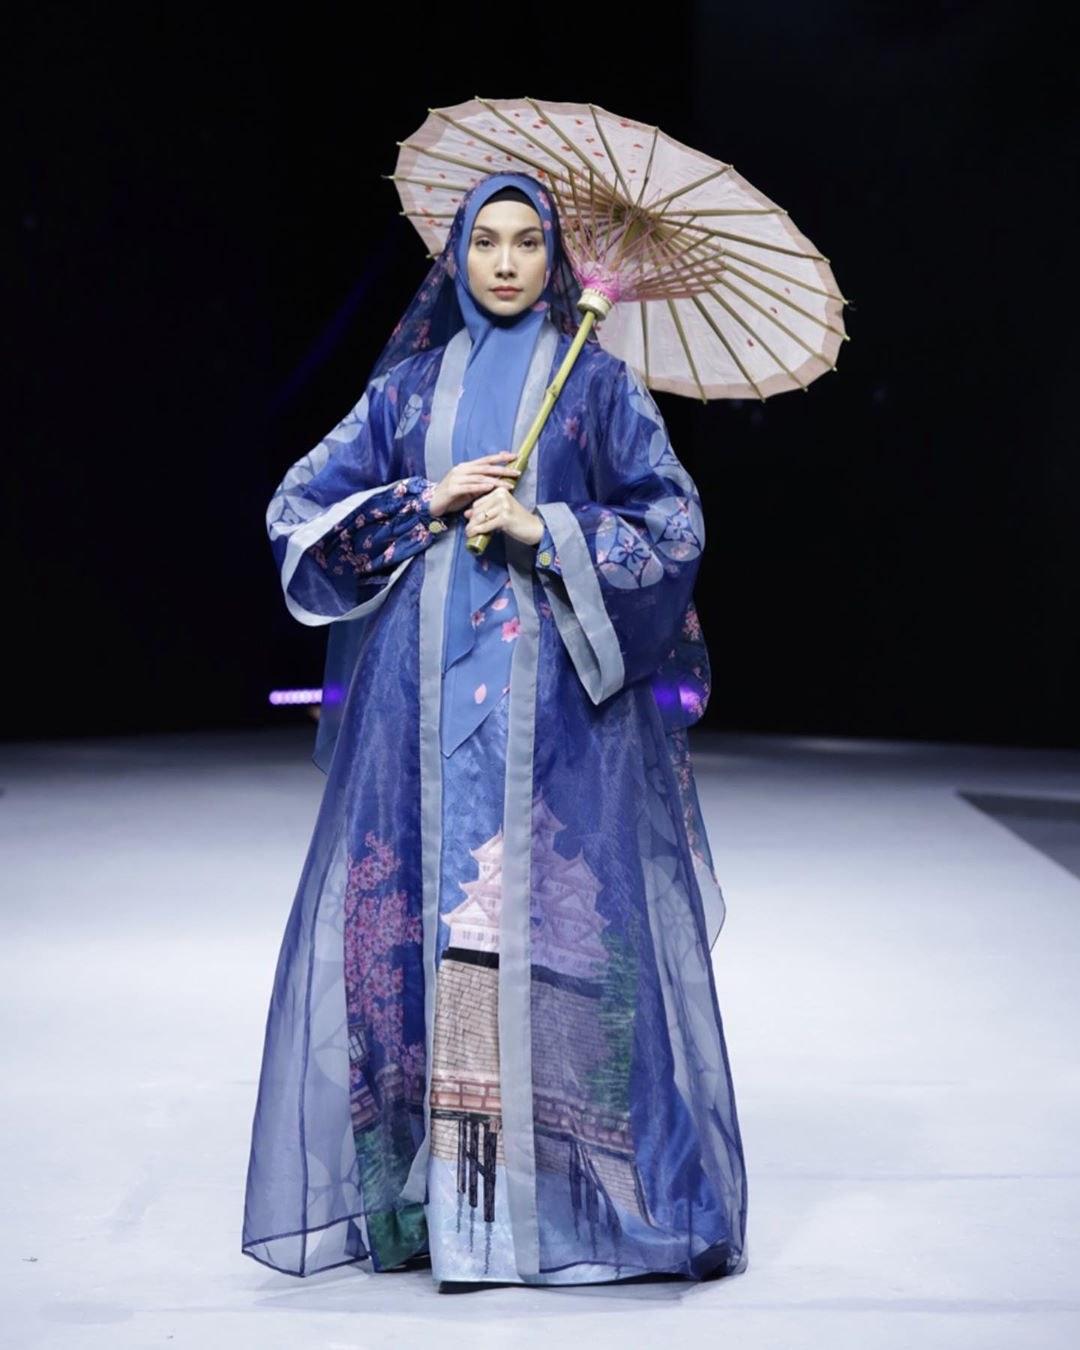 Design Ootd Baju Lebaran Remaja 2020 Dwdk Inspirasi Model Baju Lebaran 2020 Dari Para Desainer